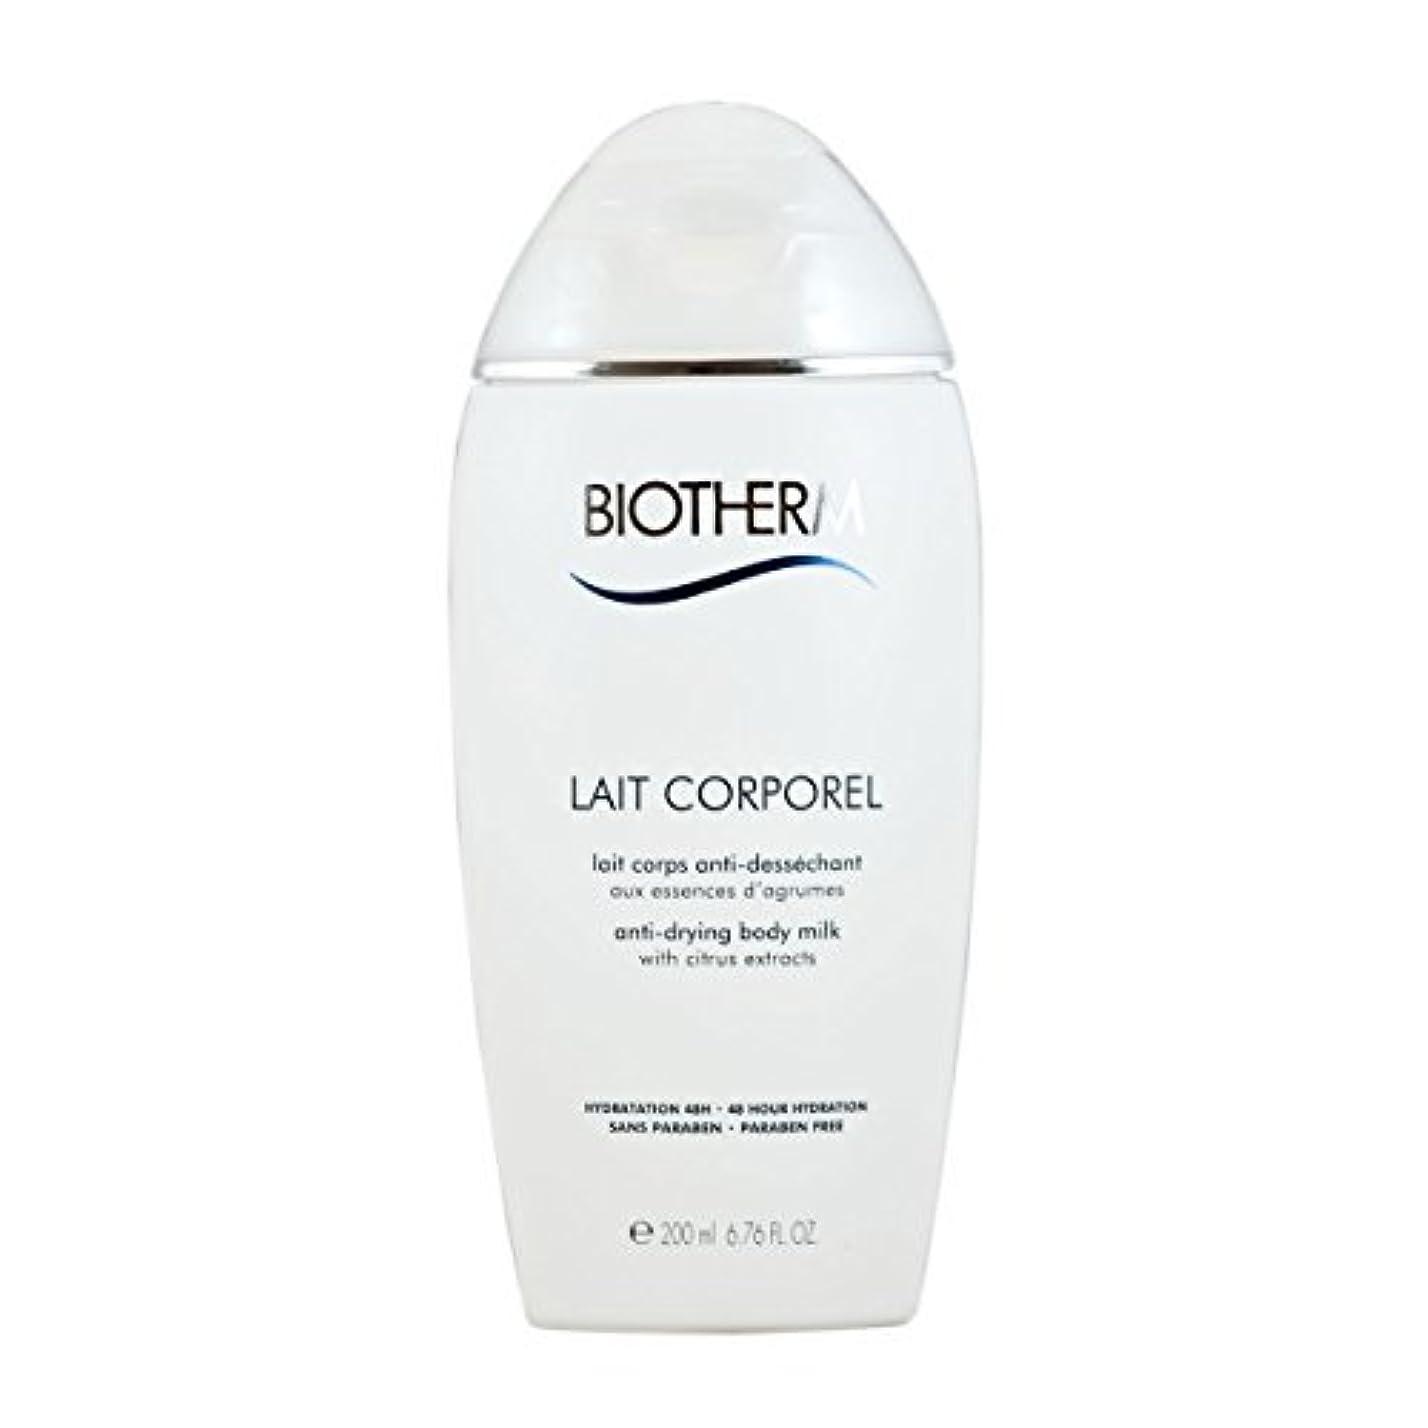 ハイランドいとこ大理石Biotherm Lait Corporel Anti-Drying Body Milk 6.76 Ounce [並行輸入品]